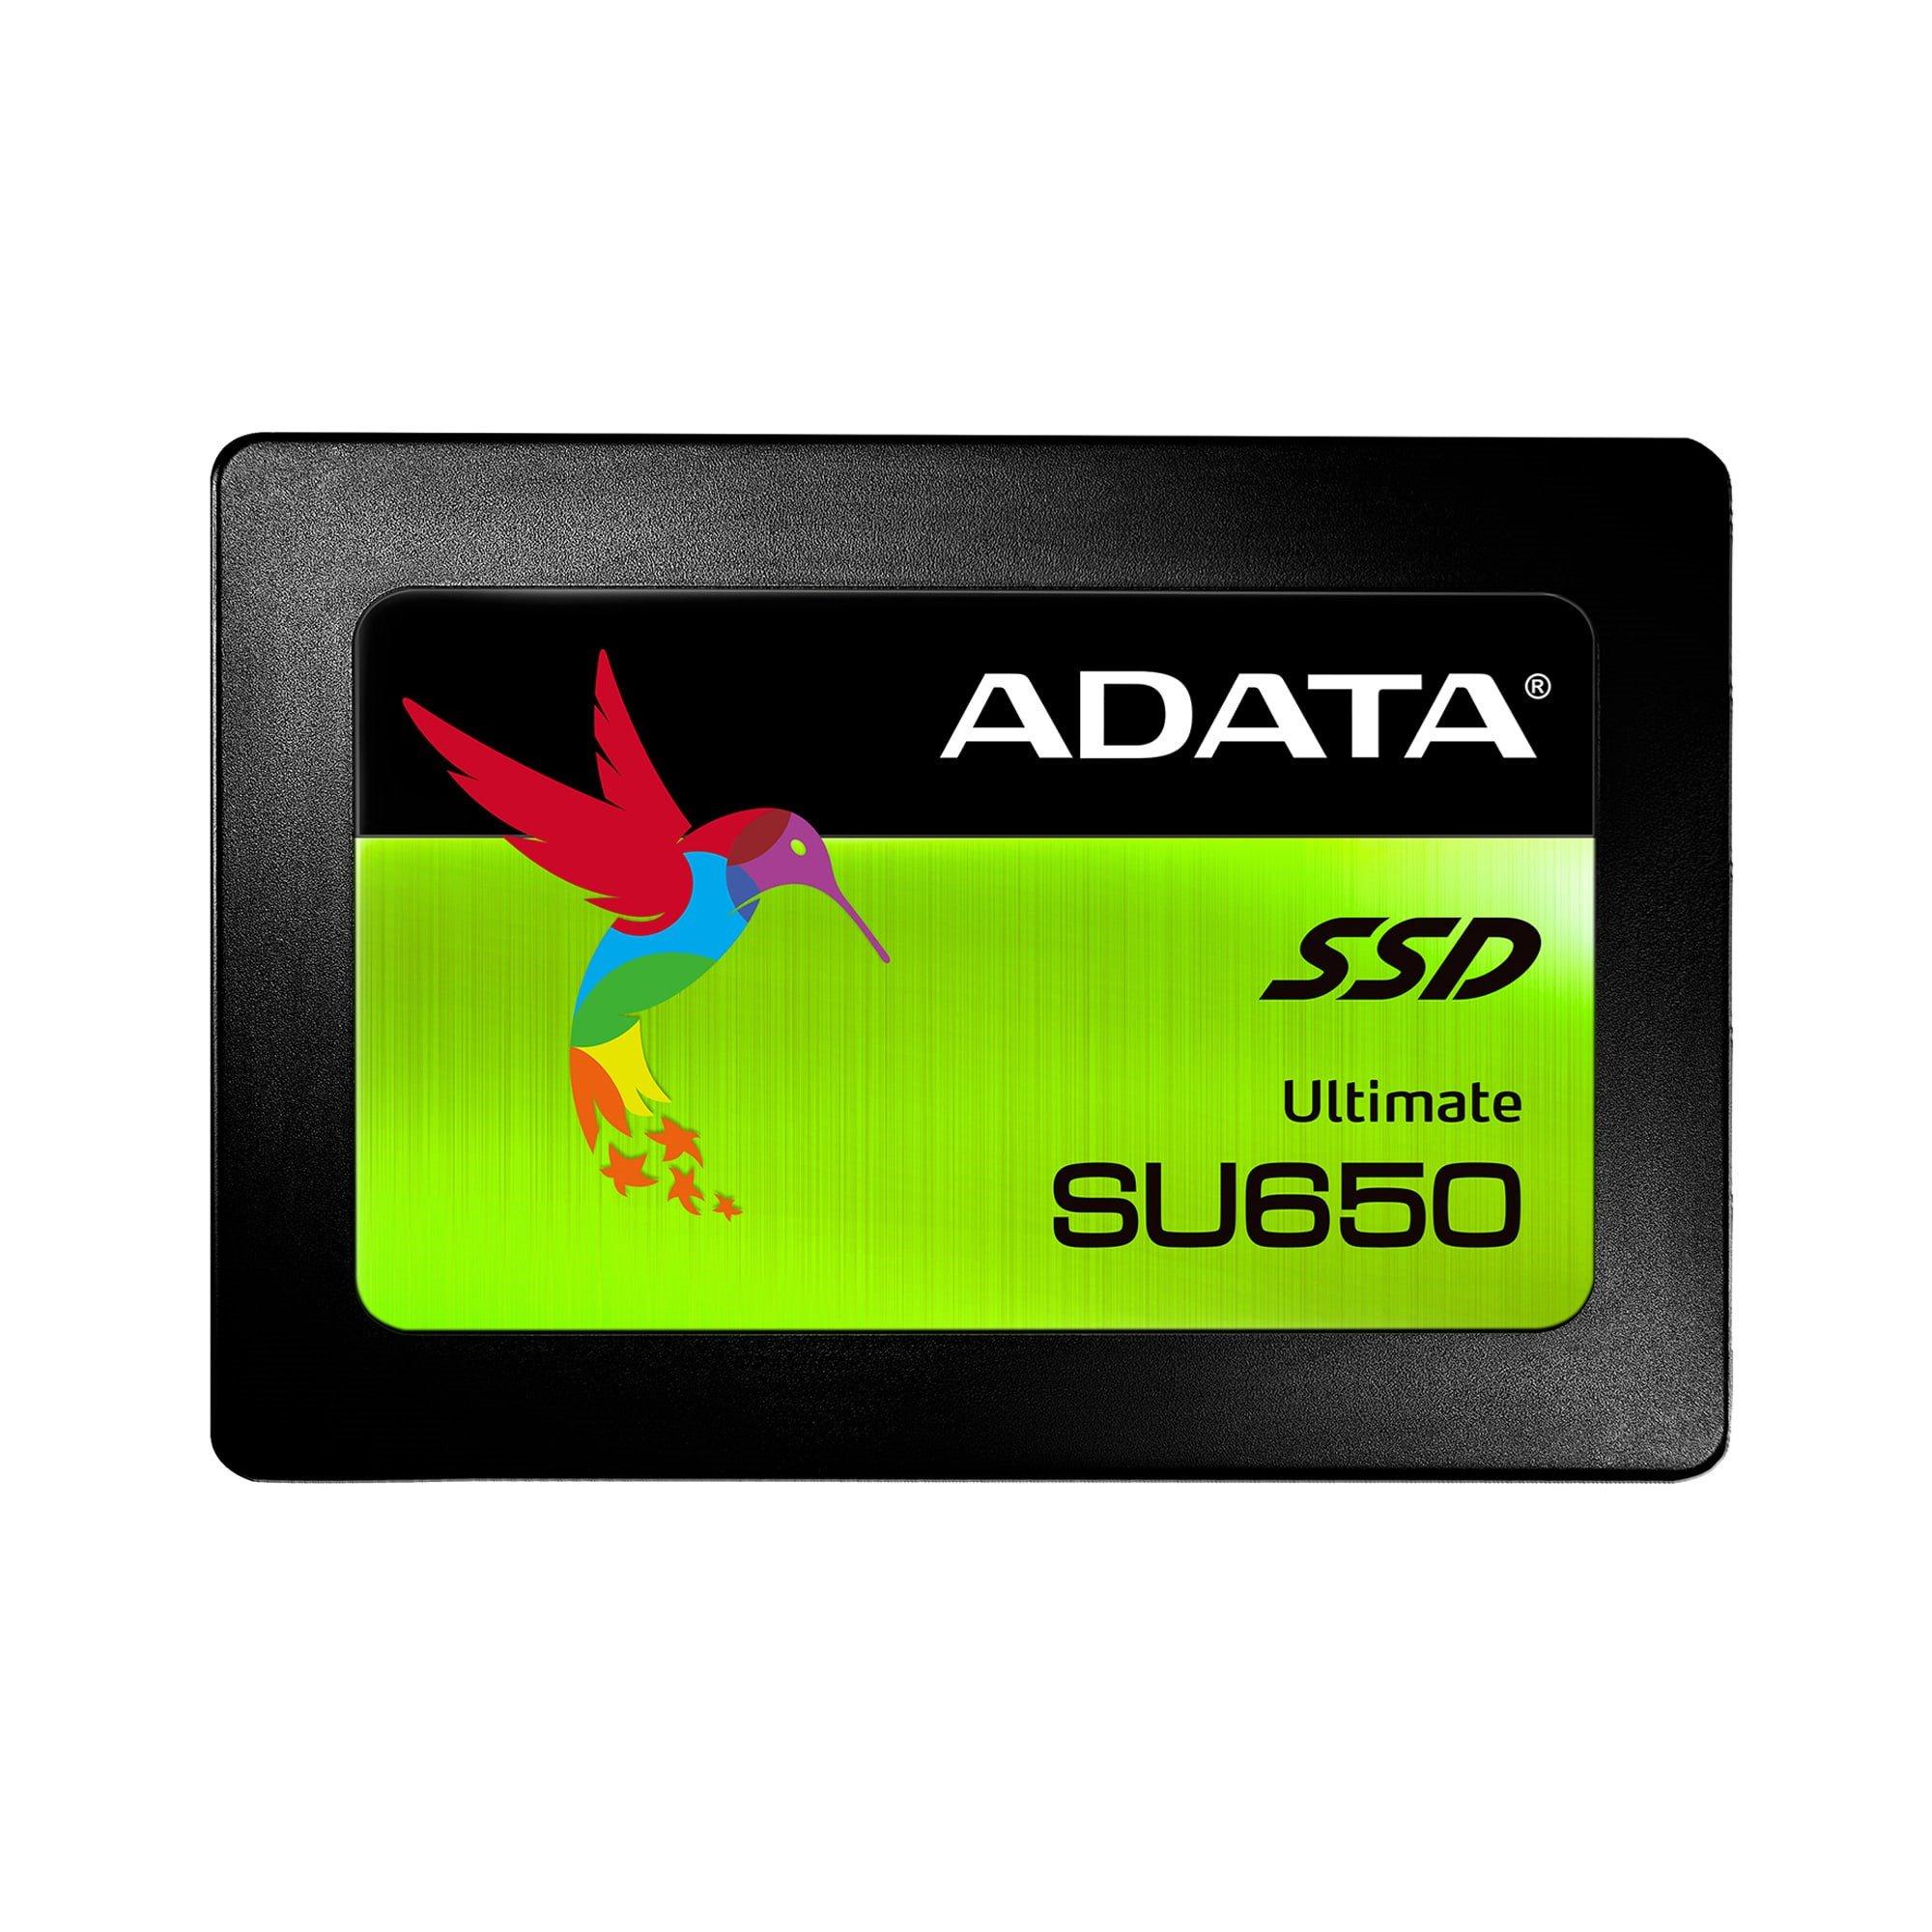 """Adata Ultimate SU650 480GB 2.5"""" SATA III SSD for £44.93 Delivered @ CCLonline"""